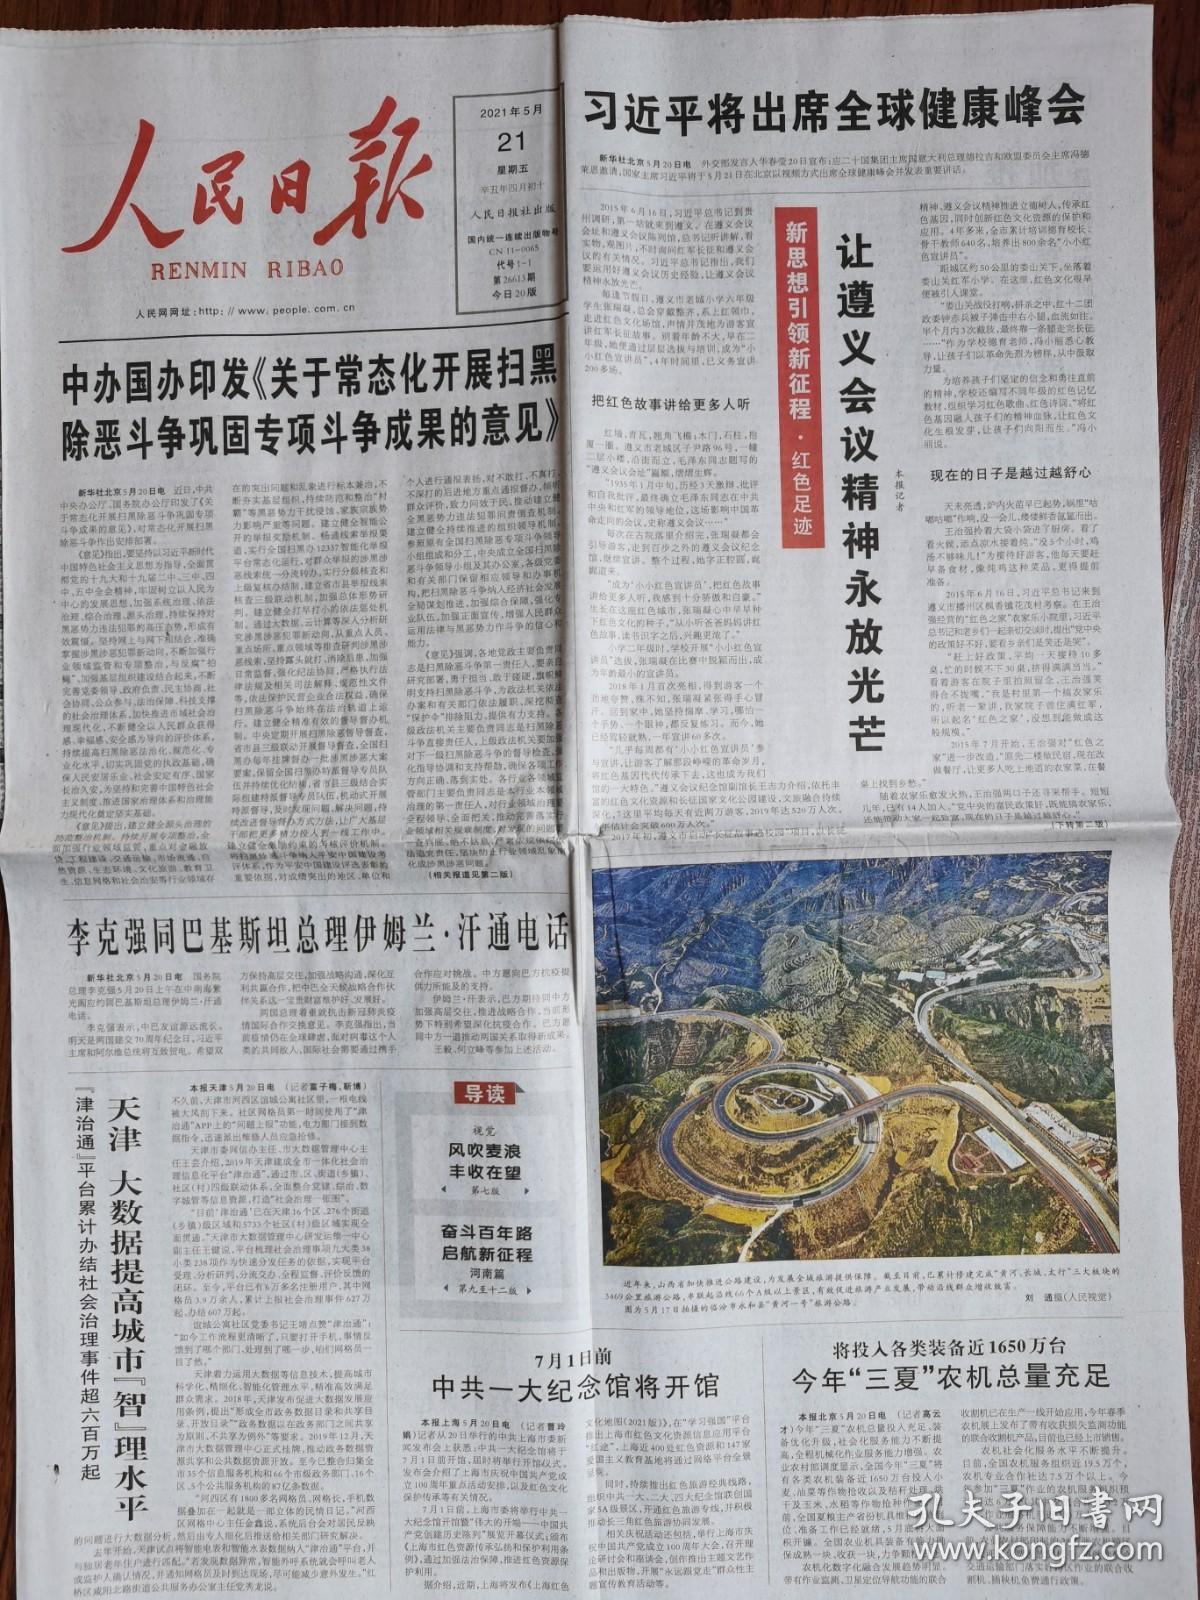 人民日报【2021年5月21日,中办国办印发《关于常态化开展扫黑除恶斗争巩固专项斗争成果的意见》】